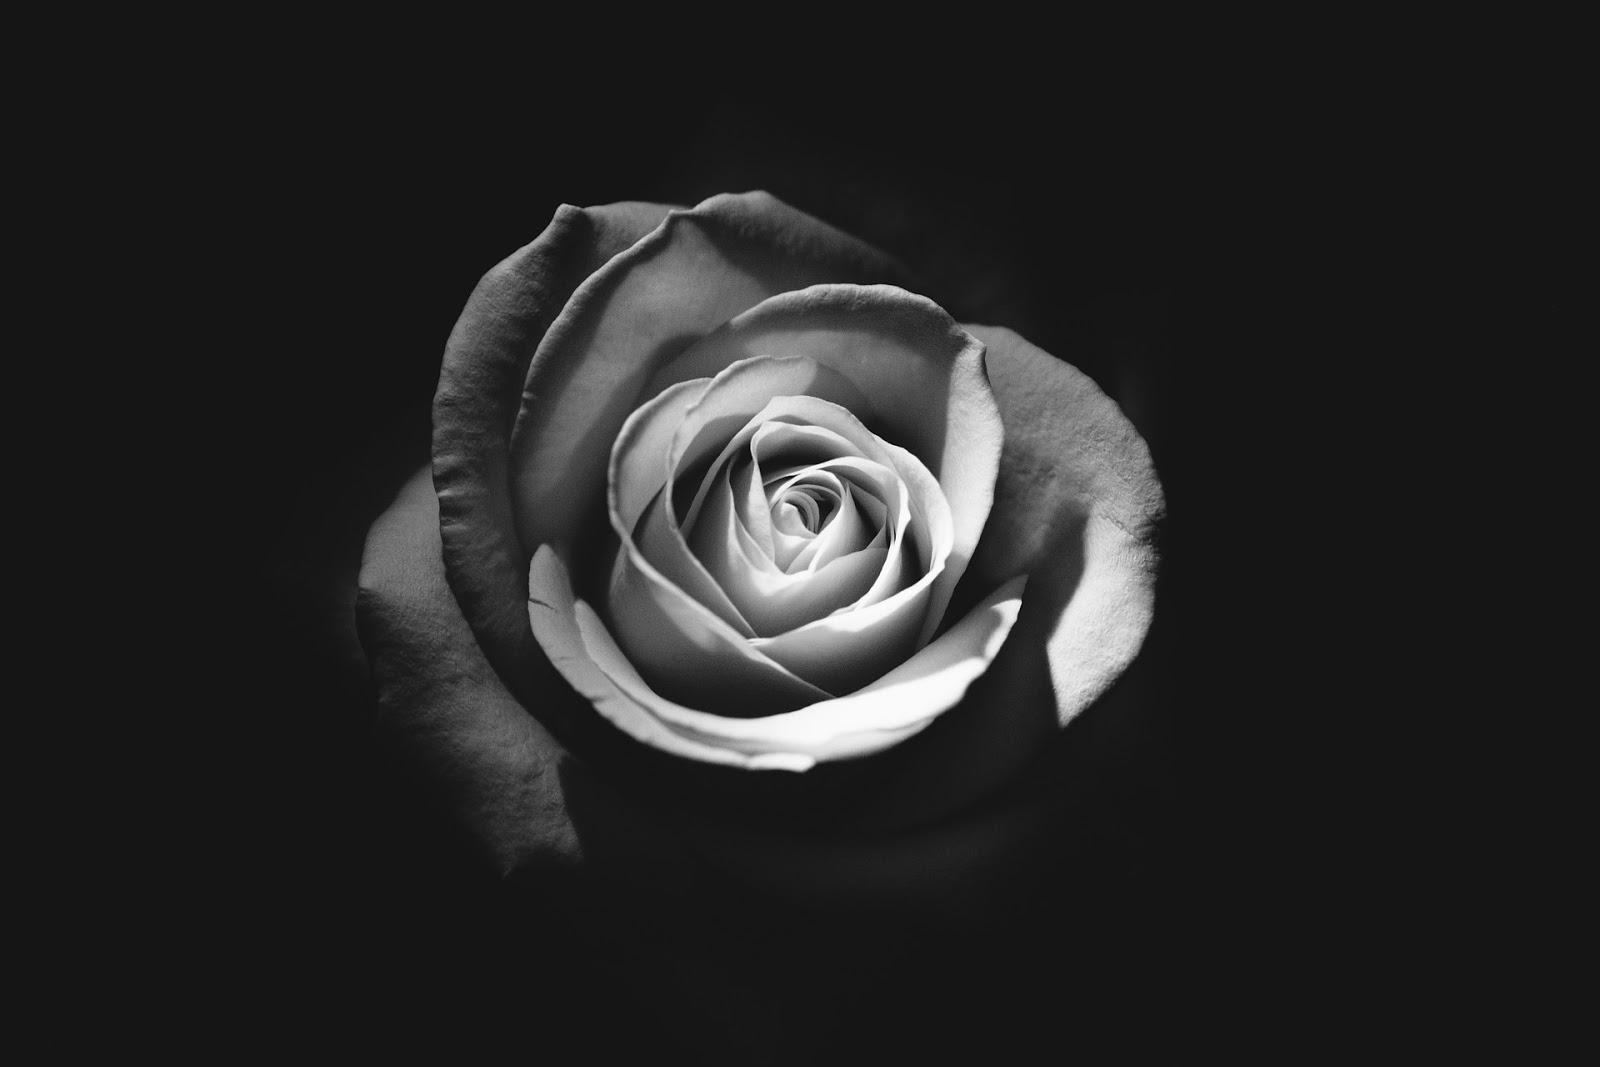 gambar bunga mawar hitam putih